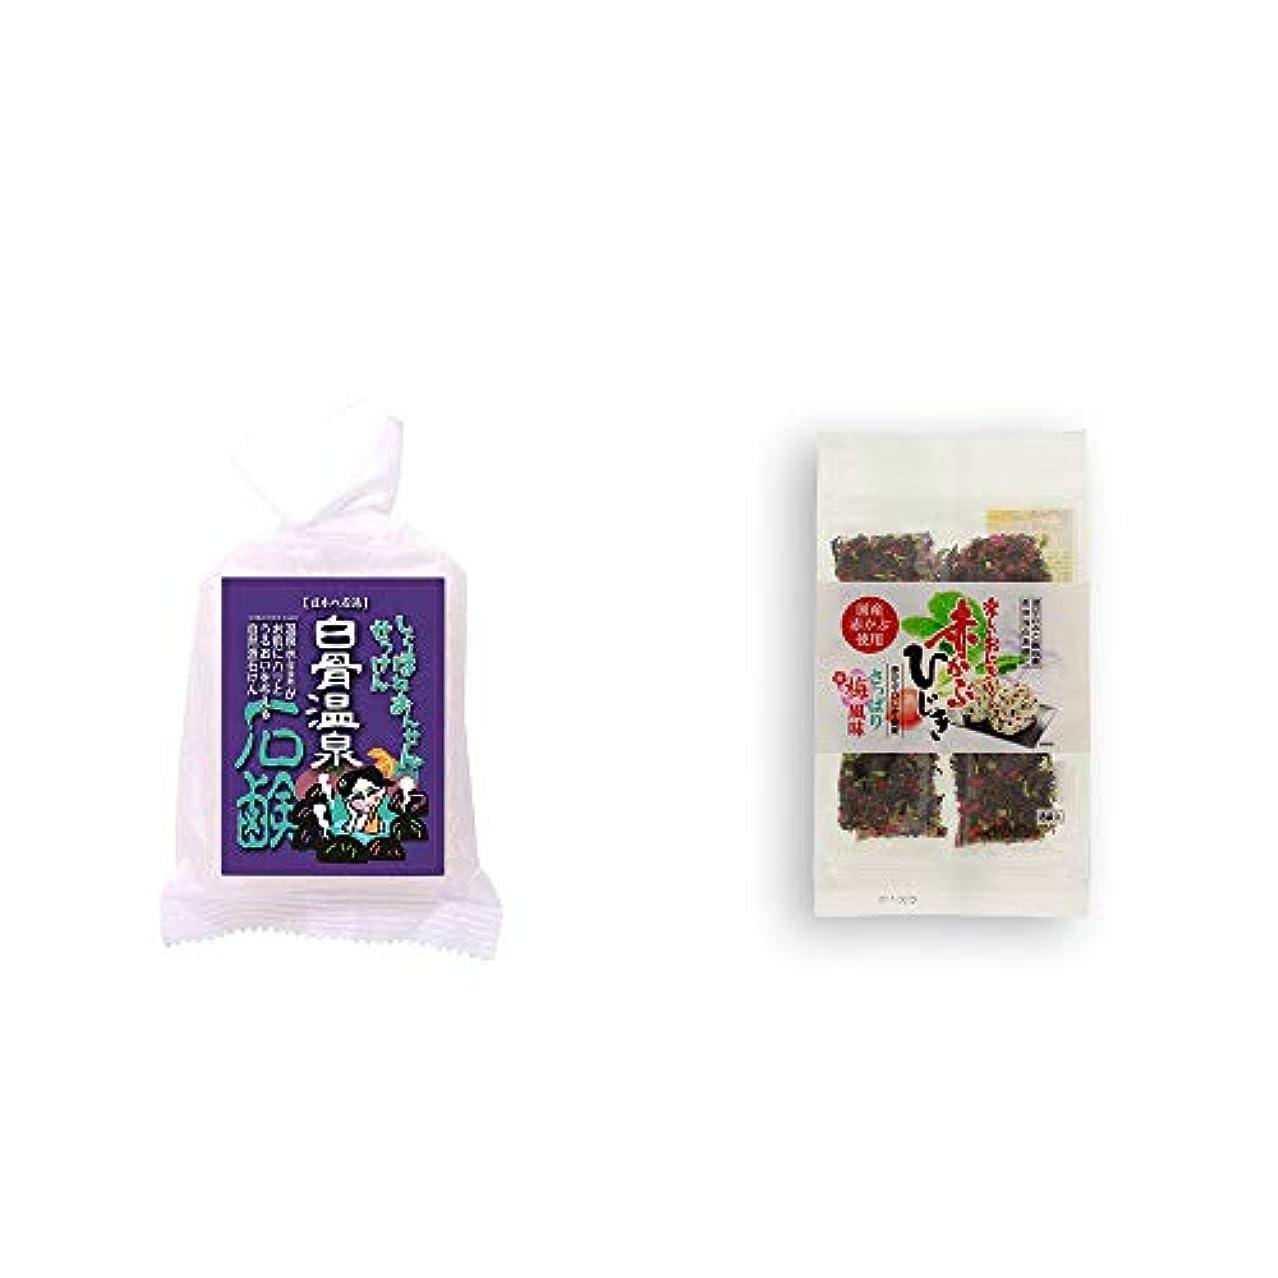 楽なモロニック代替[2点セット] 信州 白骨温泉石鹸(80g)?楽しいおにぎり 赤かぶひじき(8g×8袋)